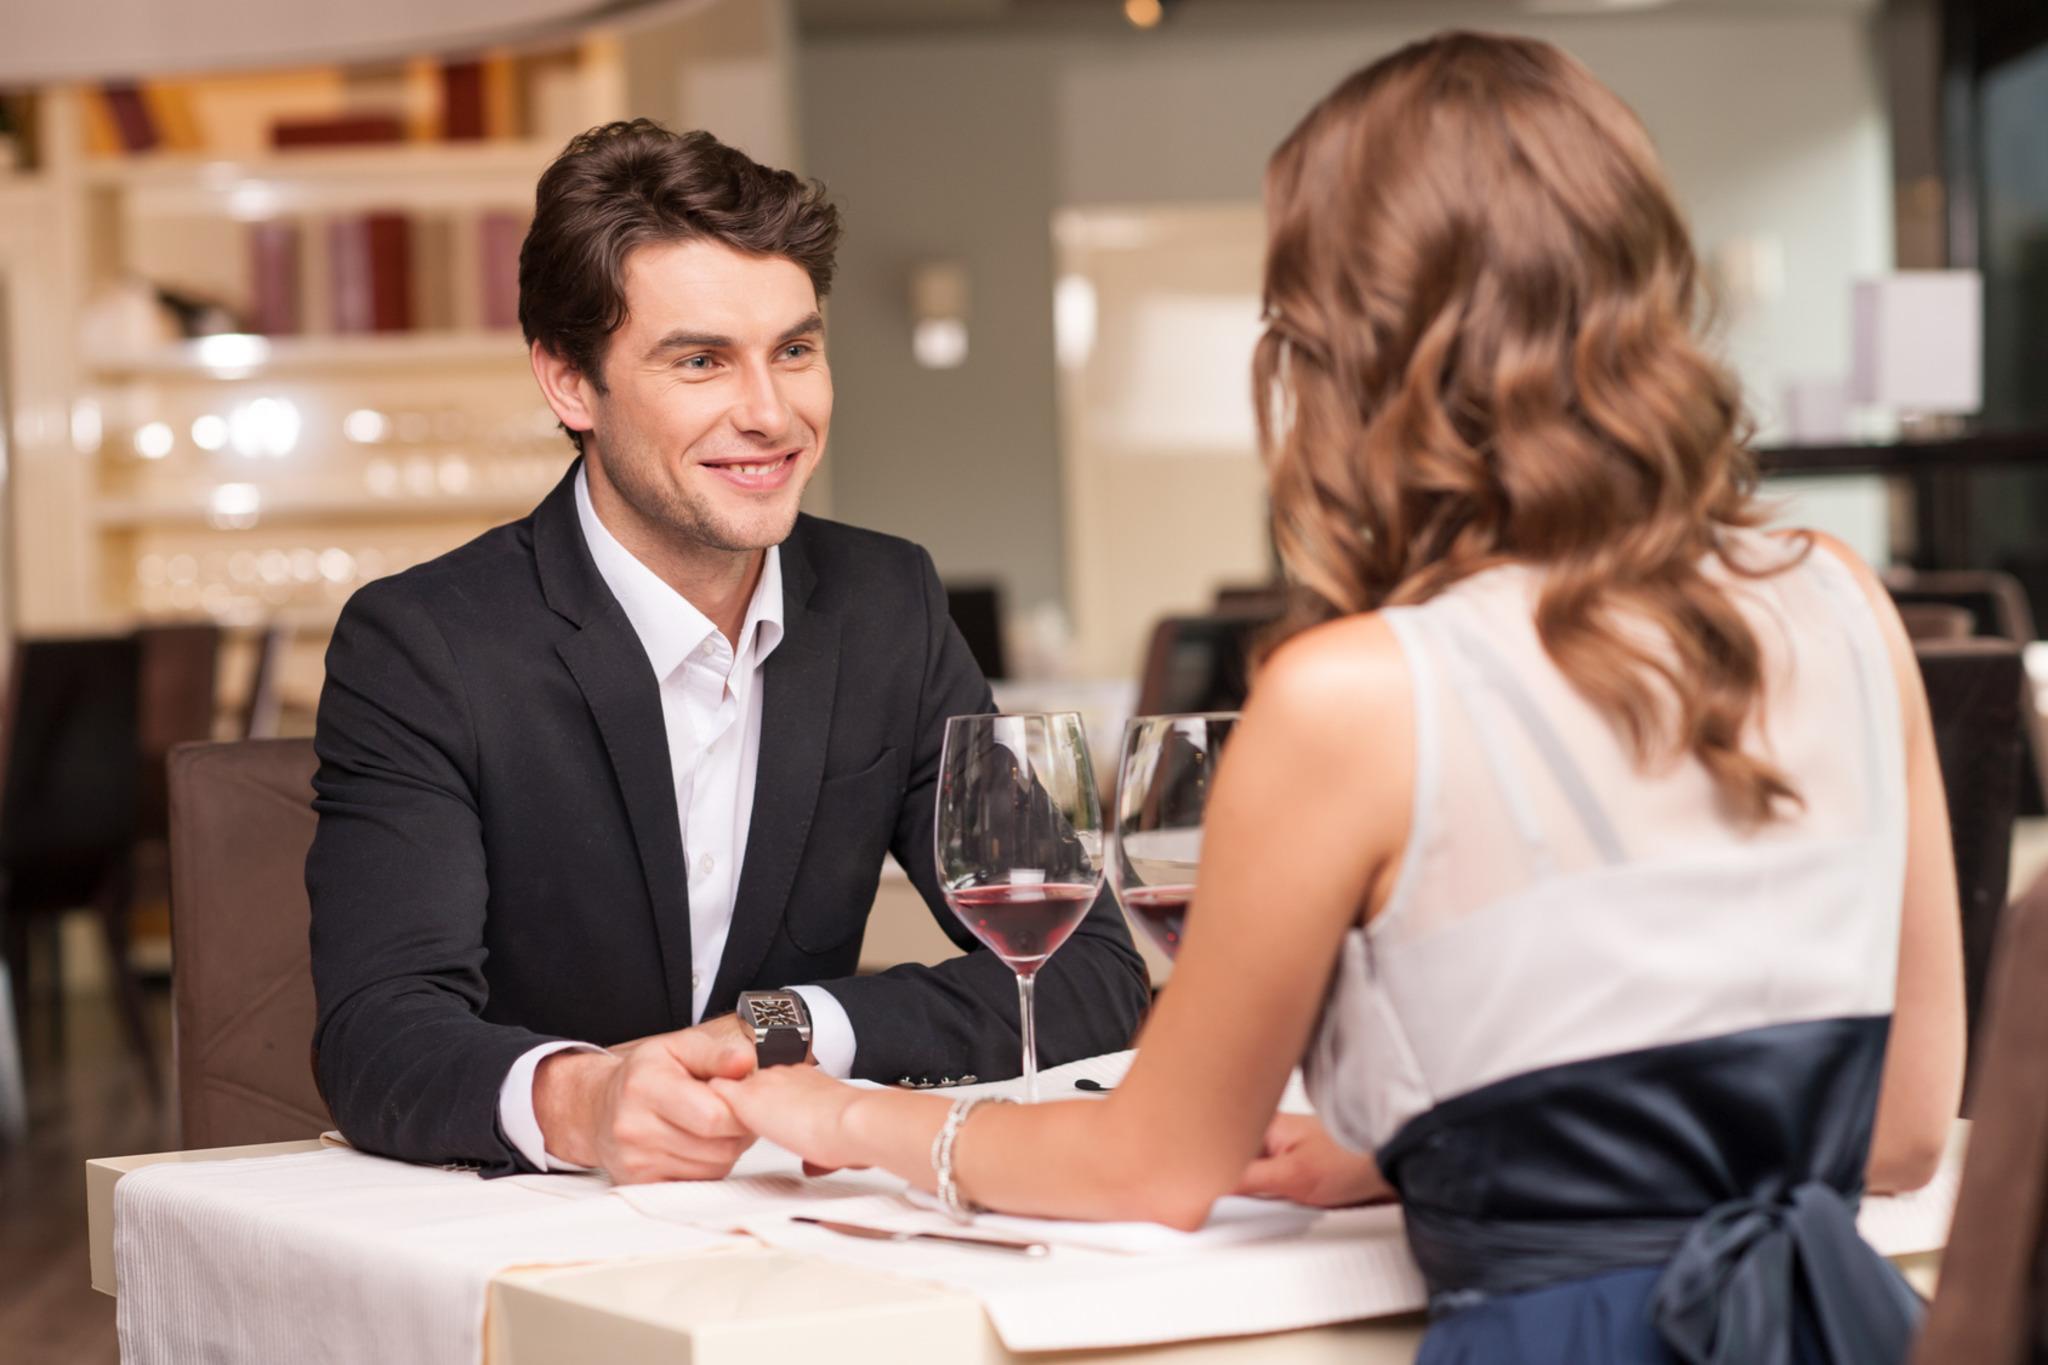 Seien sie sicher in online-dating ist, dass ein betrug